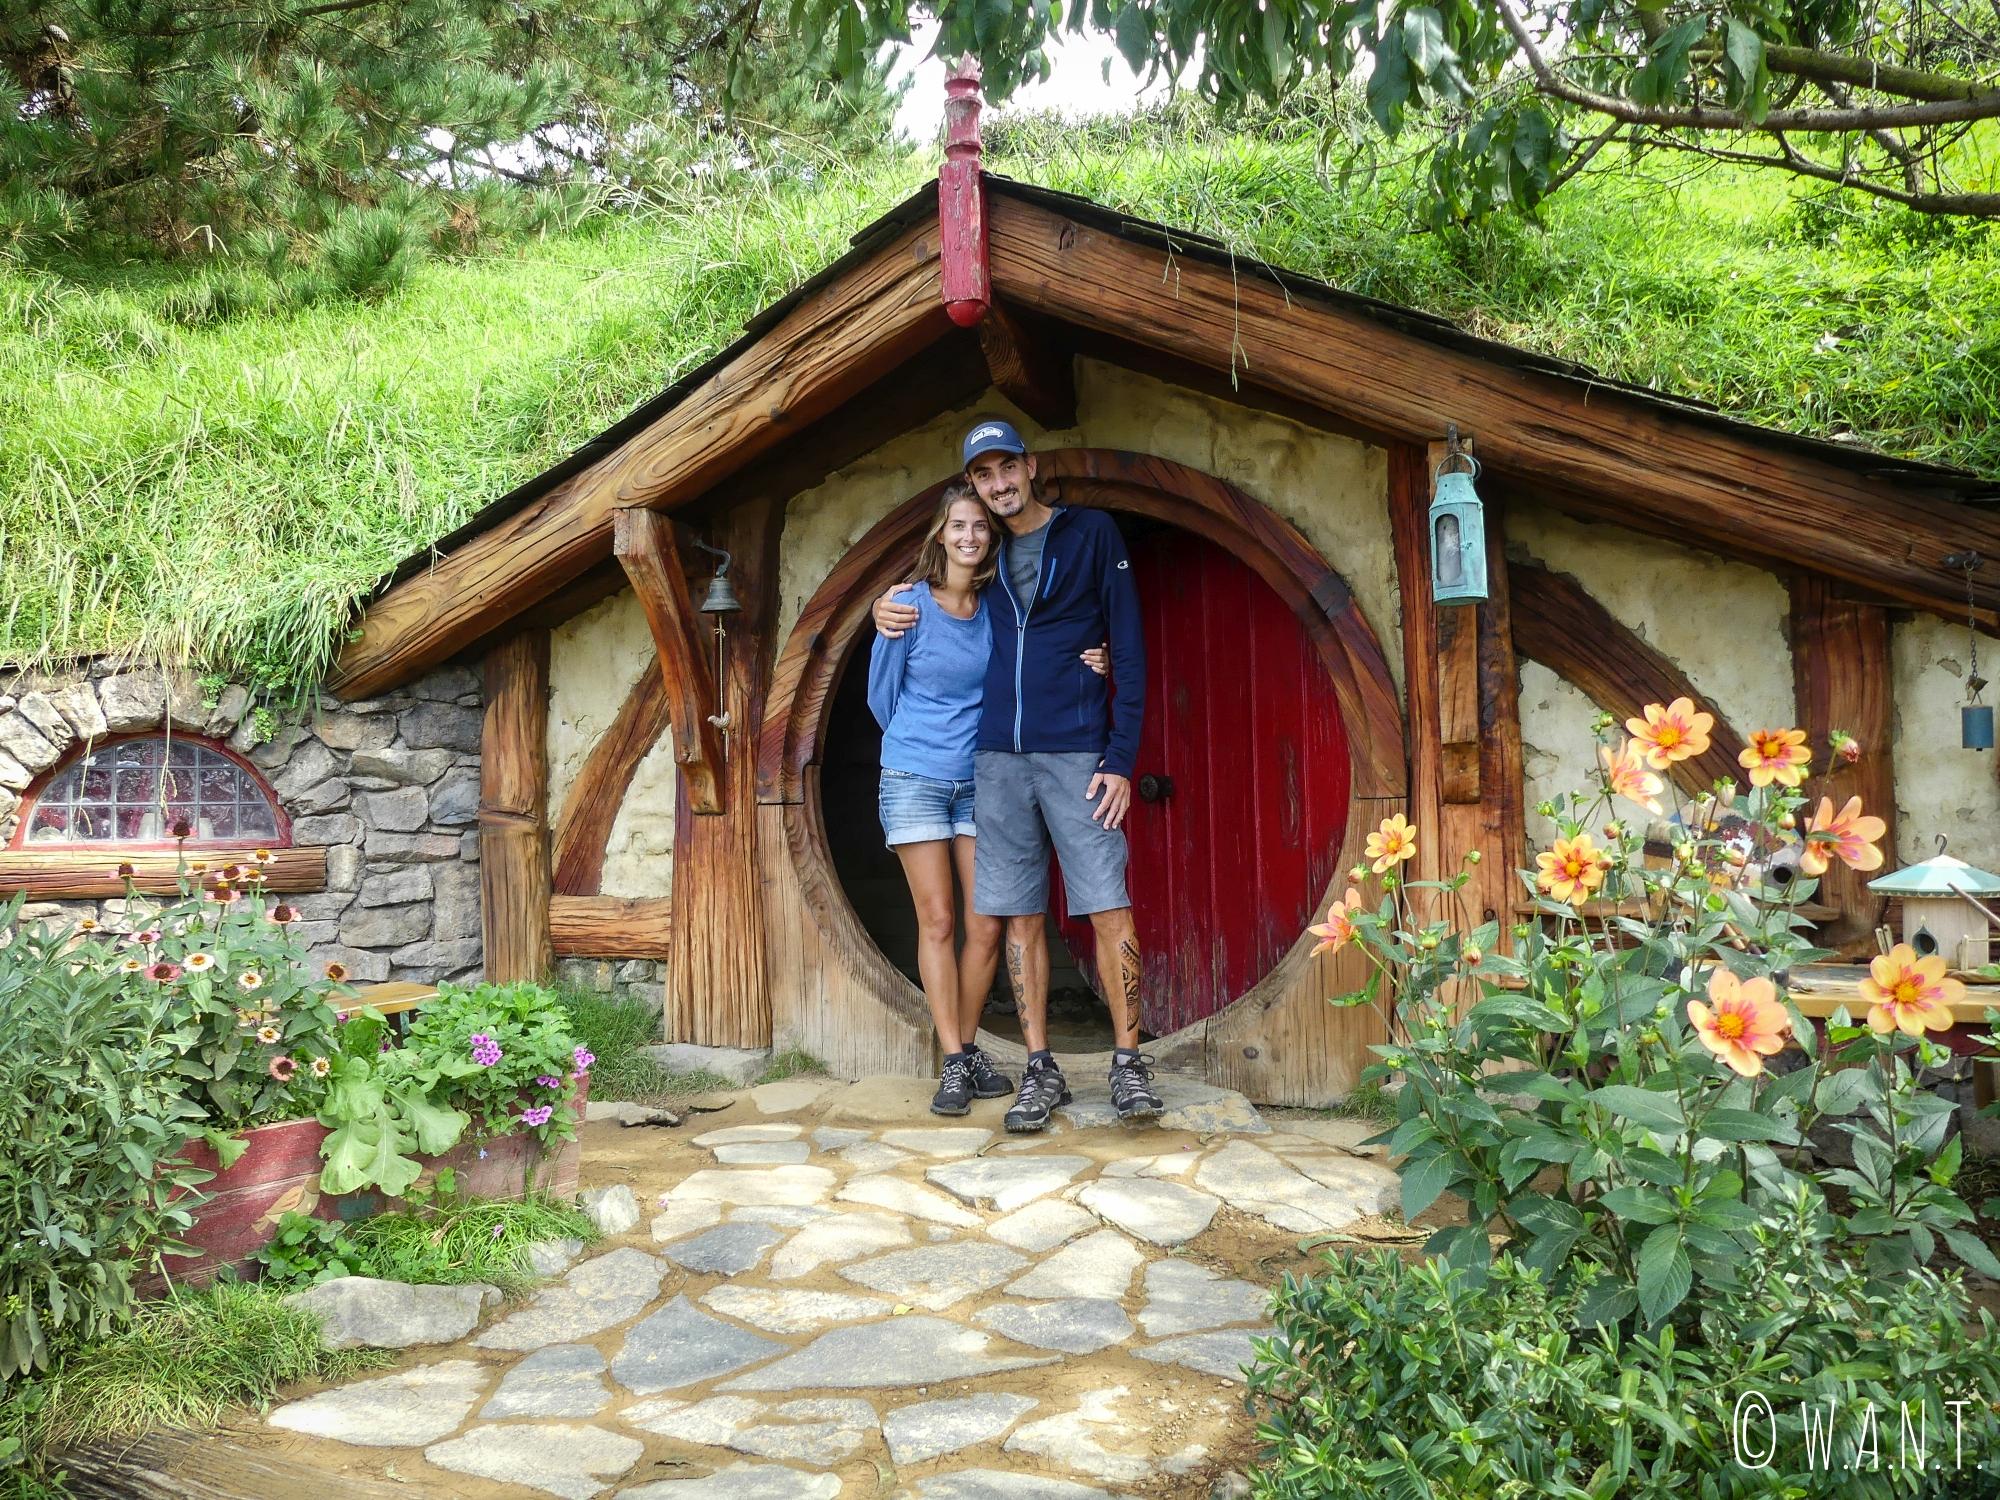 Nous nous serions bien installés dans cette petite maison à Hobbiton en Nouvelle-Zélande